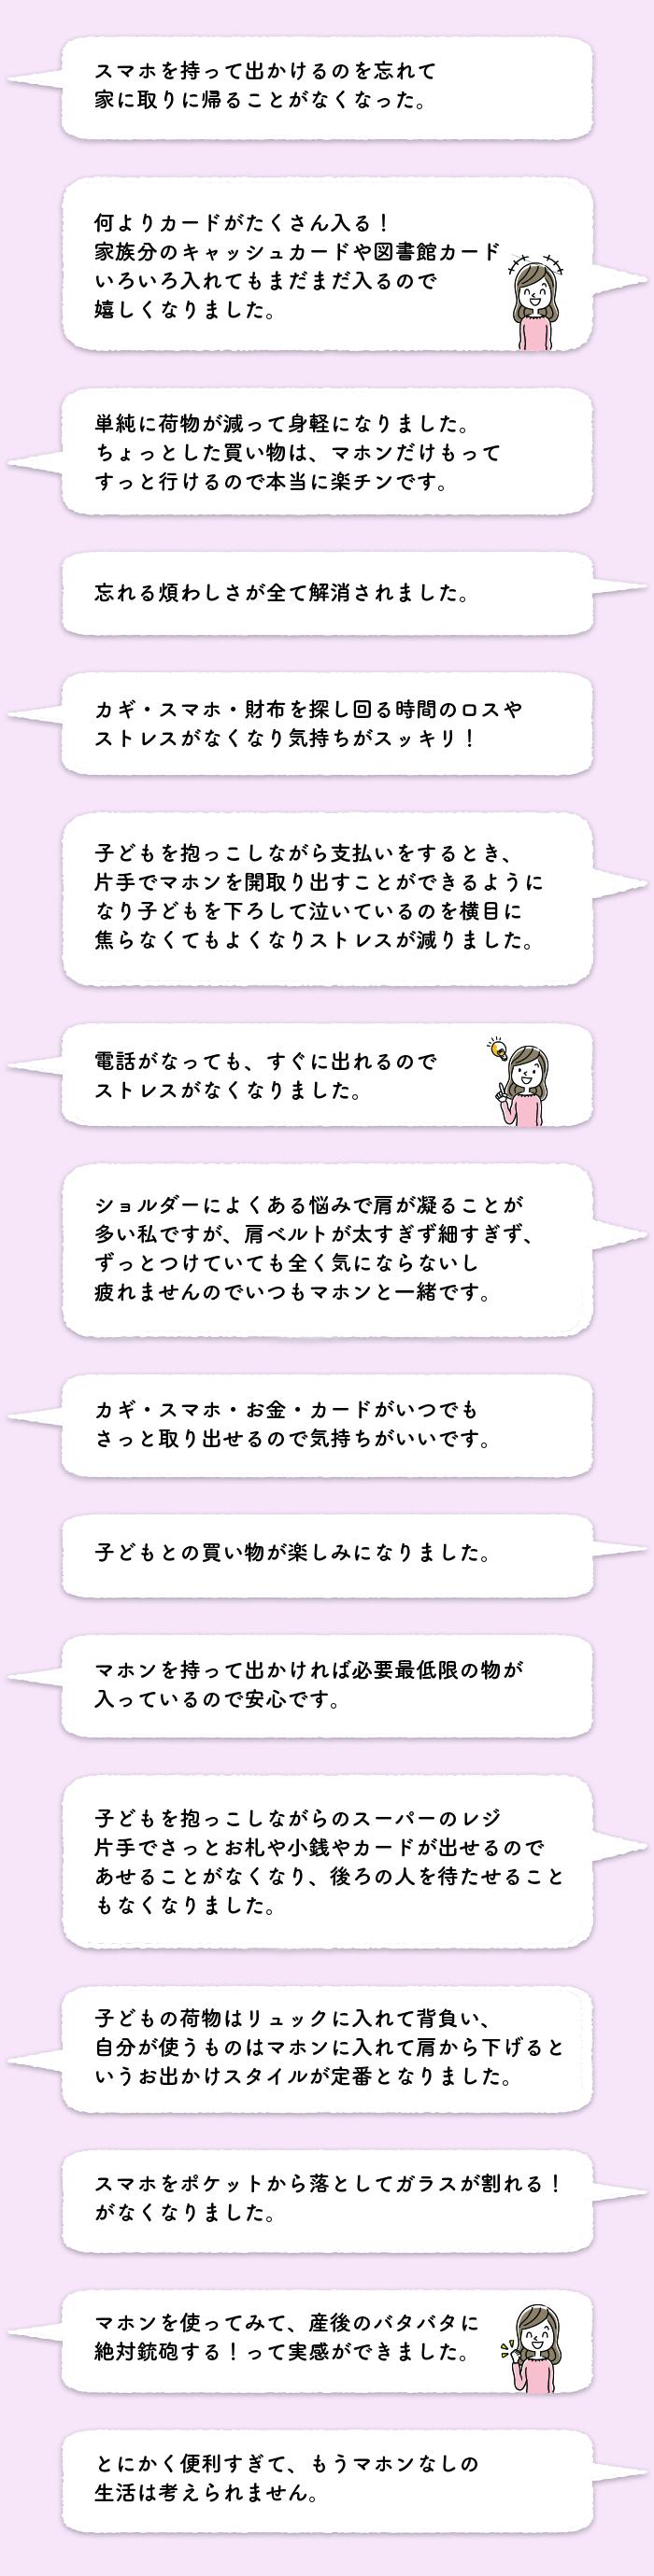 Arutoki Texts - マホンない時!ある時!  (ママあるある大辞典)